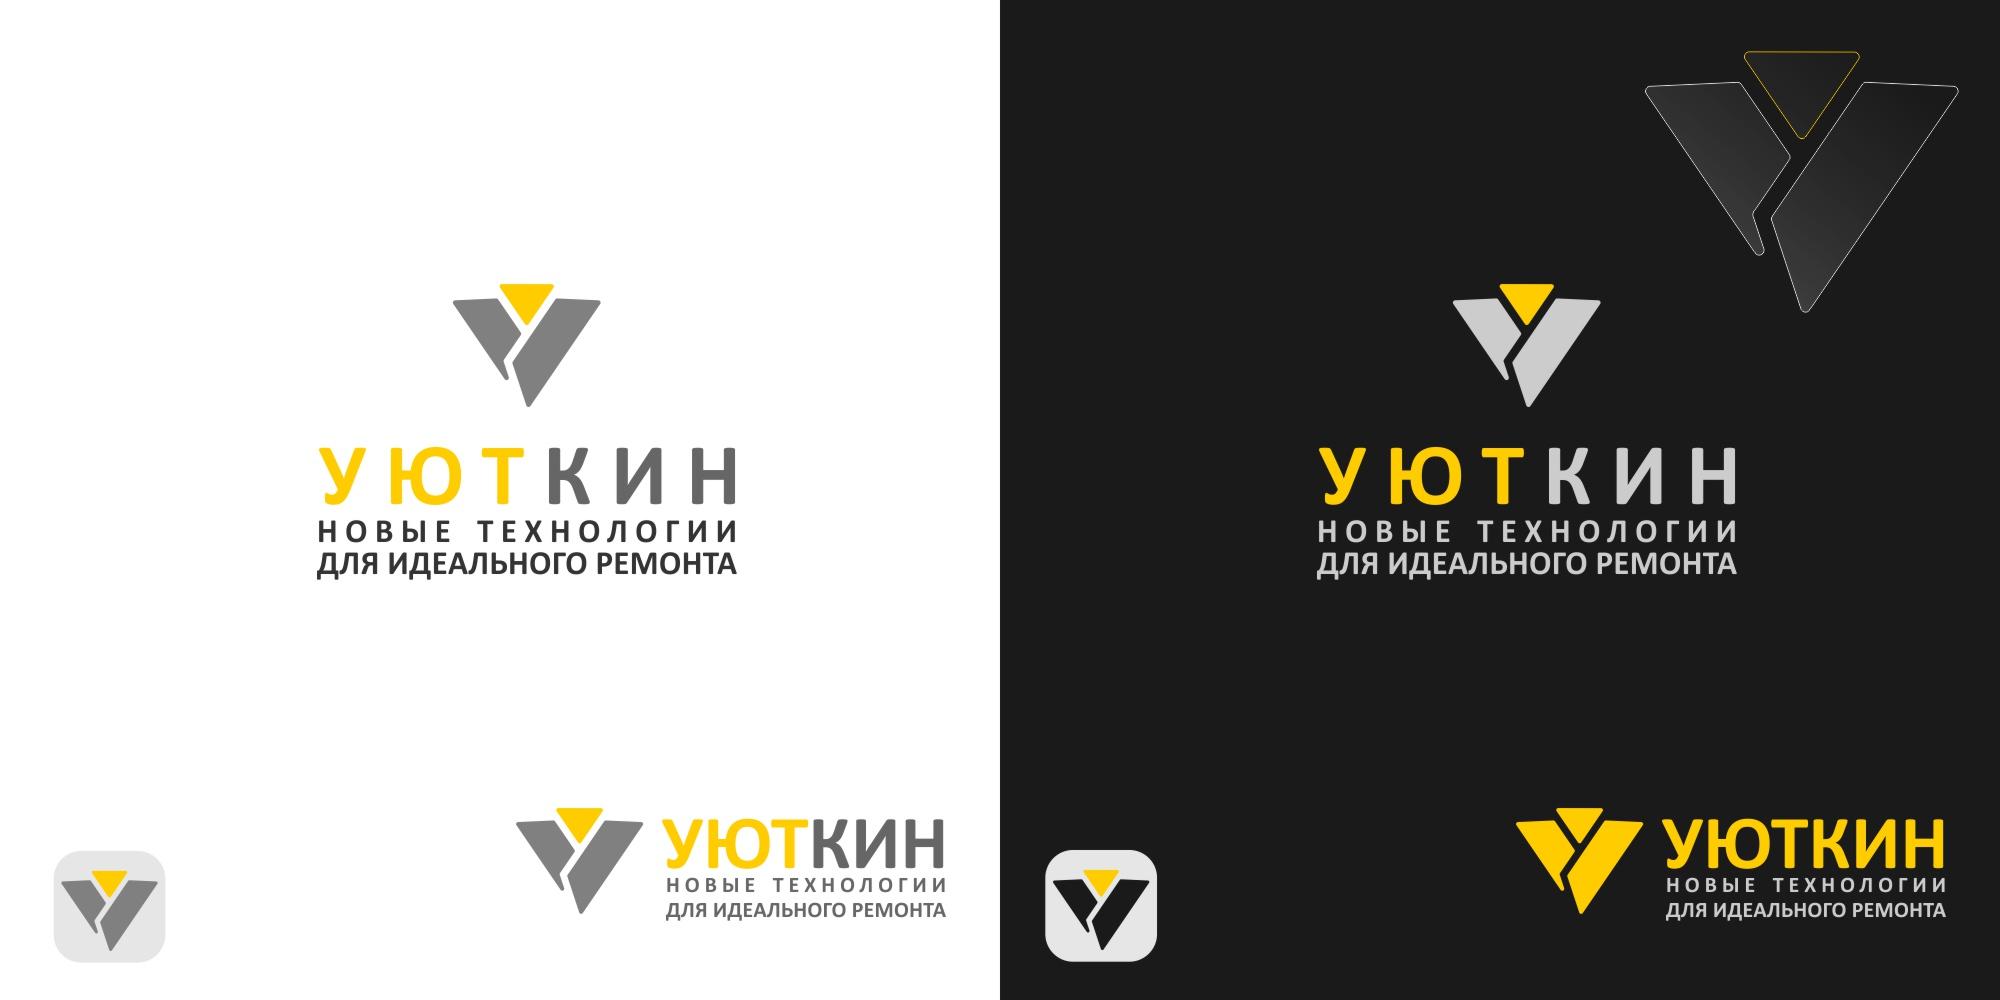 Создание логотипа и стиля сайта фото f_2825c62909045a36.jpg